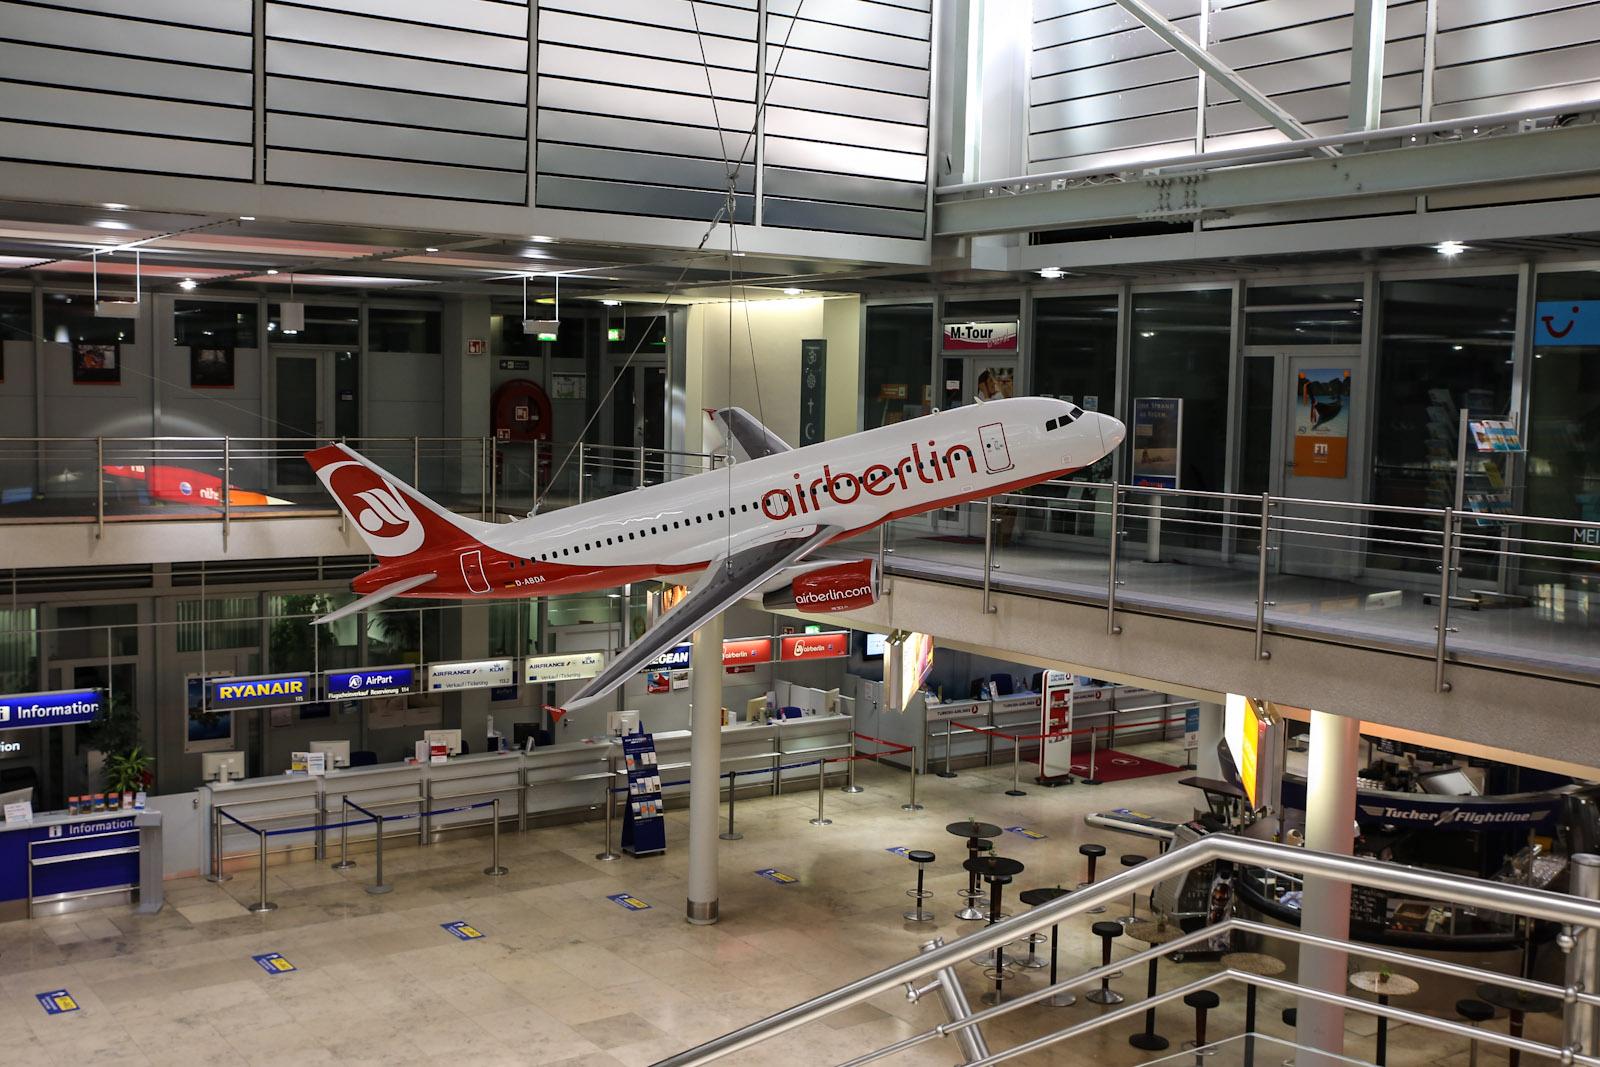 Макет самолета авиакомпании airberlin в аэропорту Нюрнберг